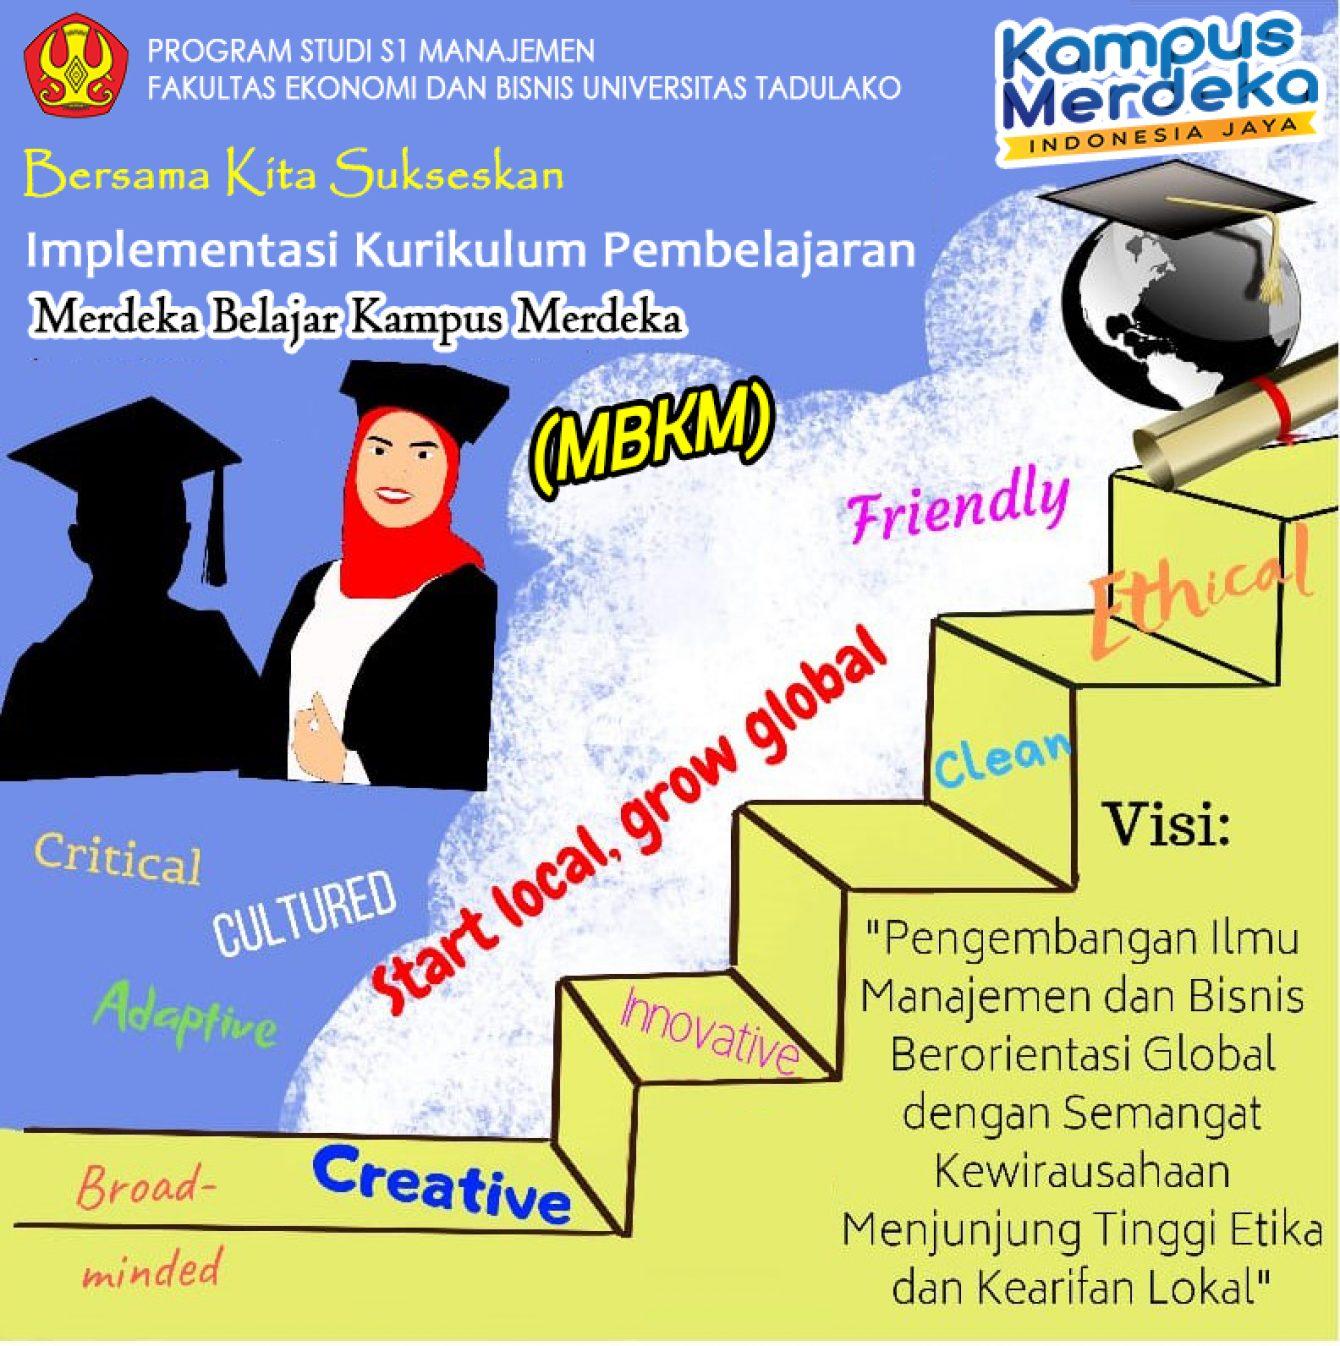 Program Studi S1 Manajemen